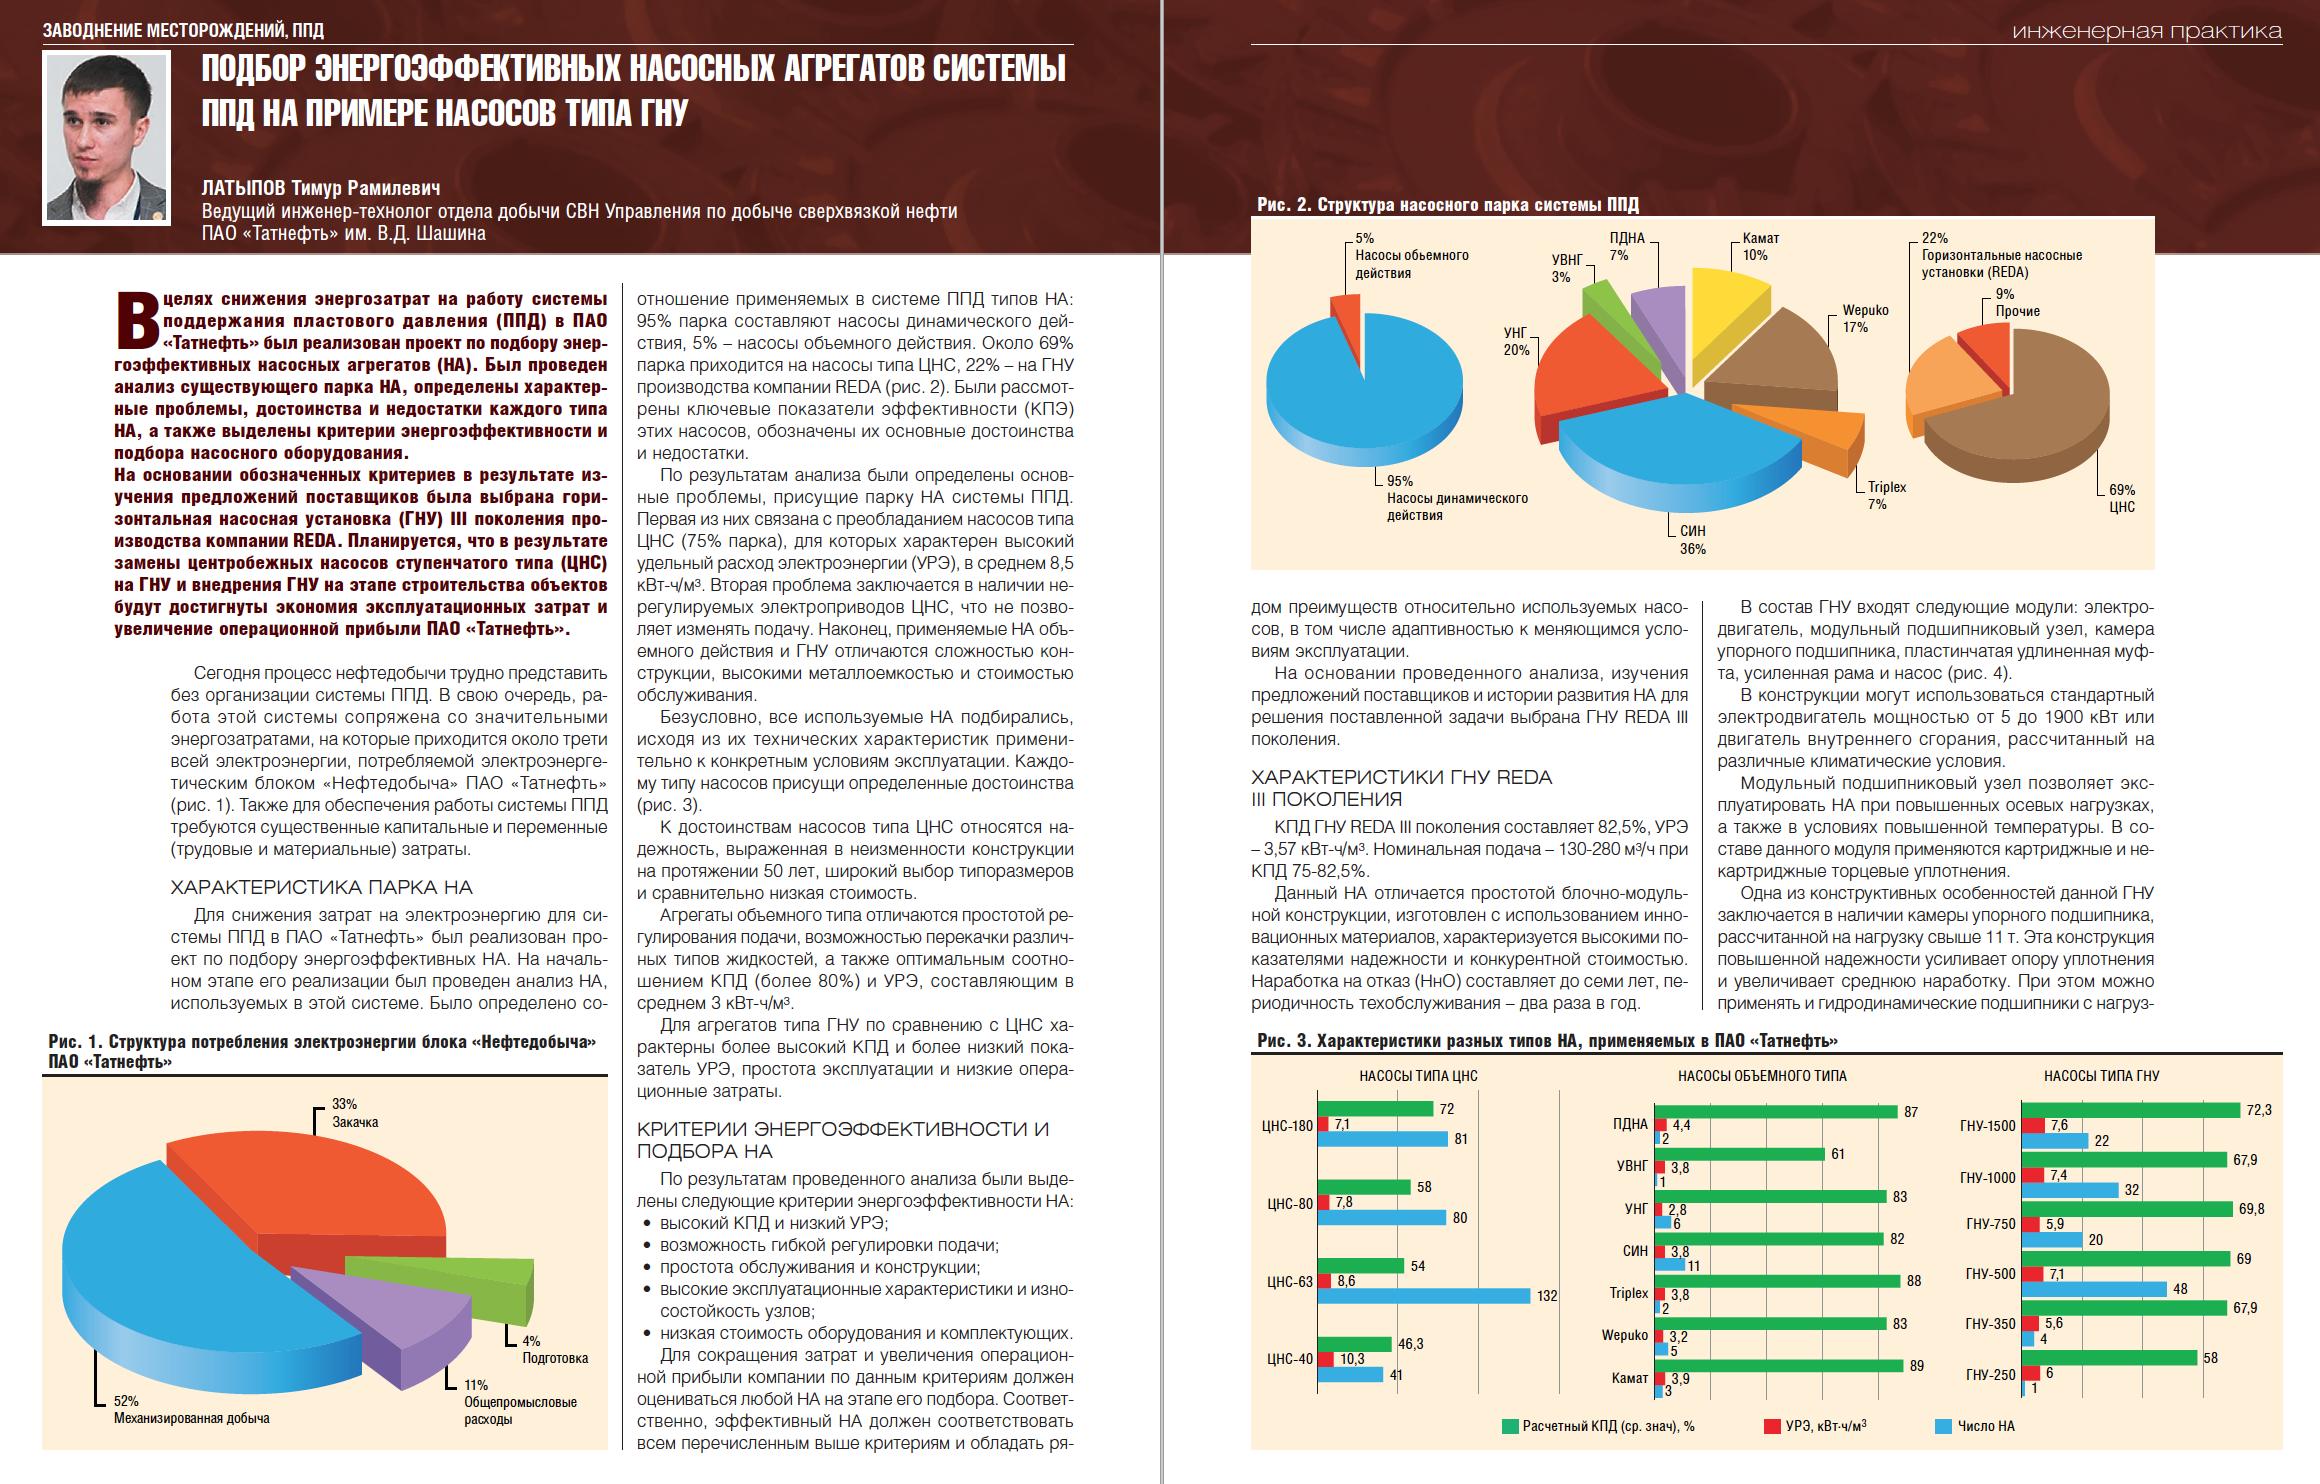 31789 Подбор энергоэффективных насосных агрегатов системы ППД на примере насосов типа ГНУ